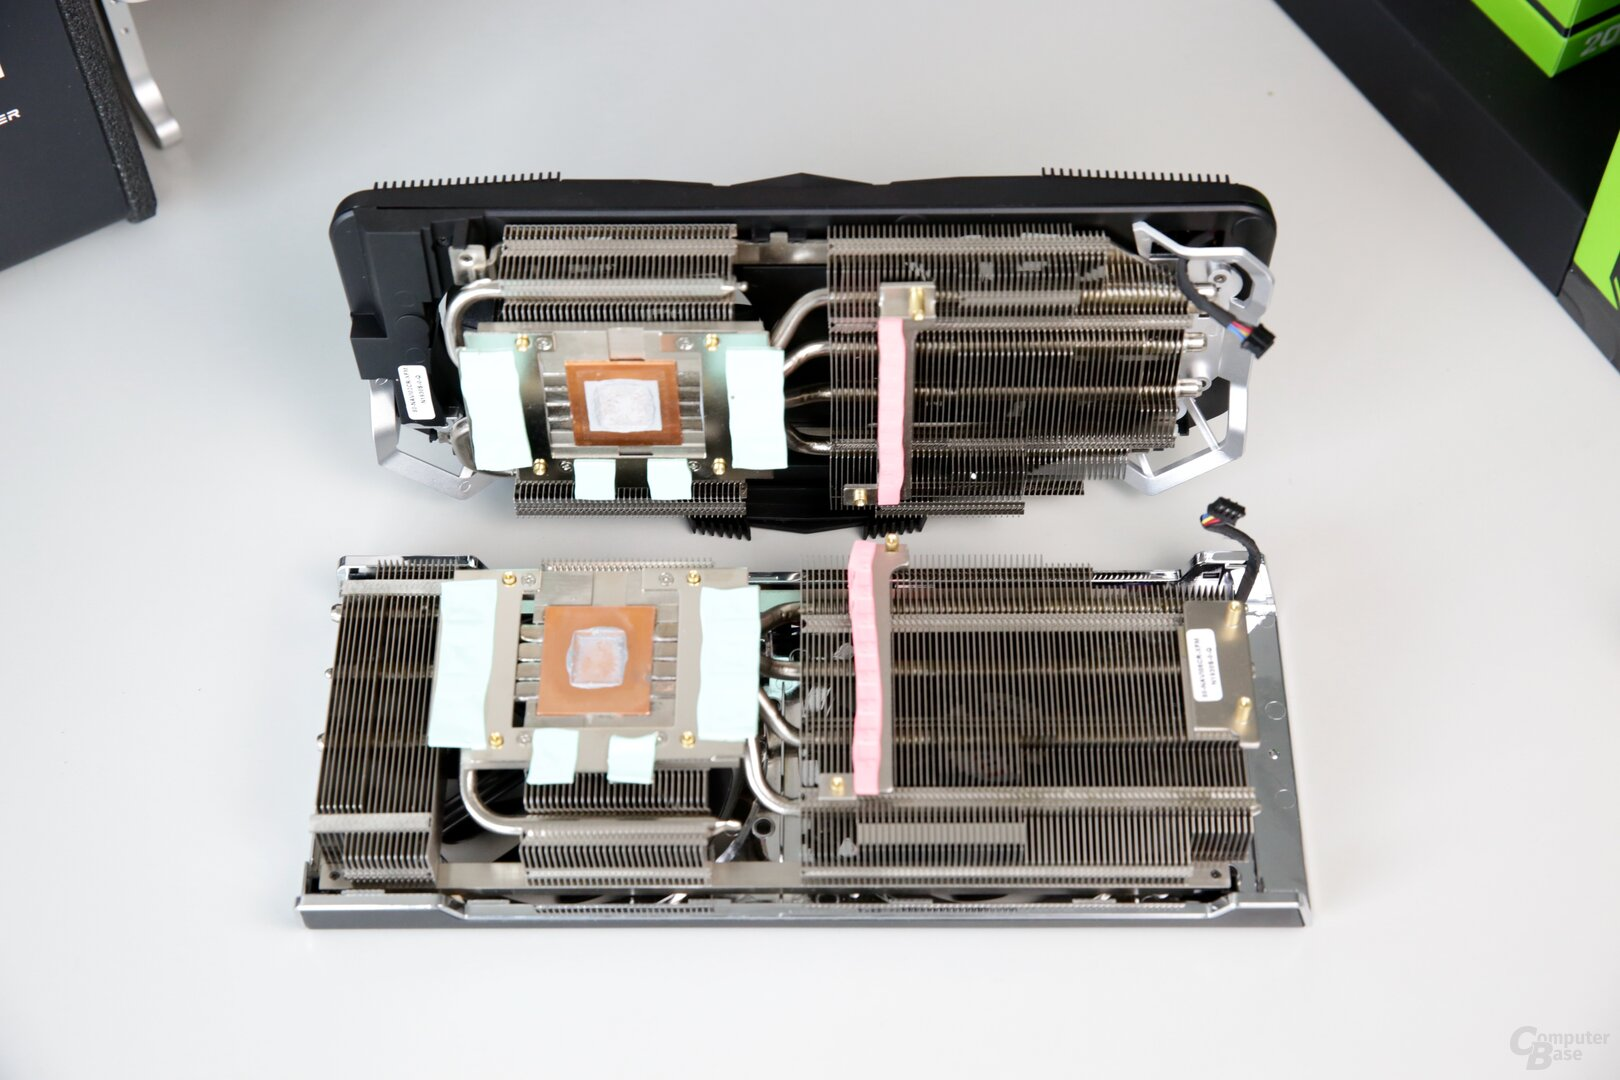 Der Kühler der RAW2 (oben) ist kleiner gehalten